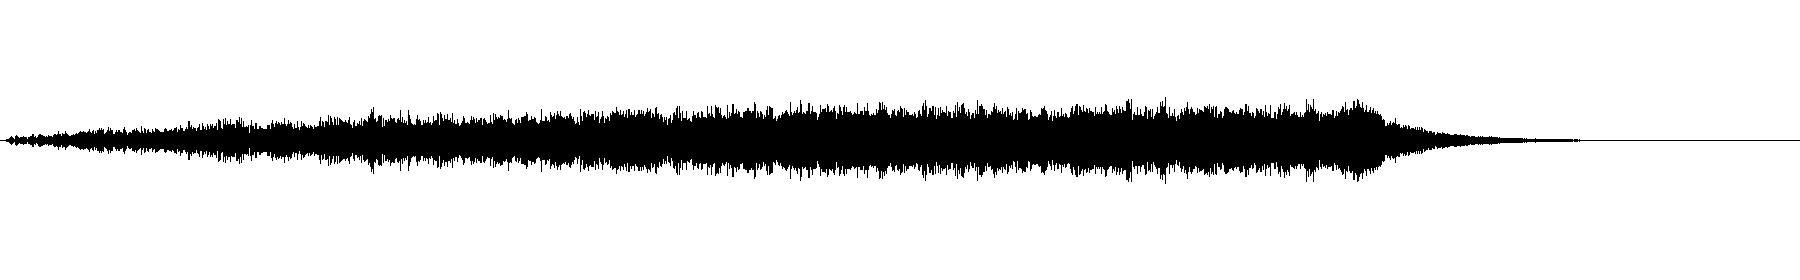 str fx b 13 xs